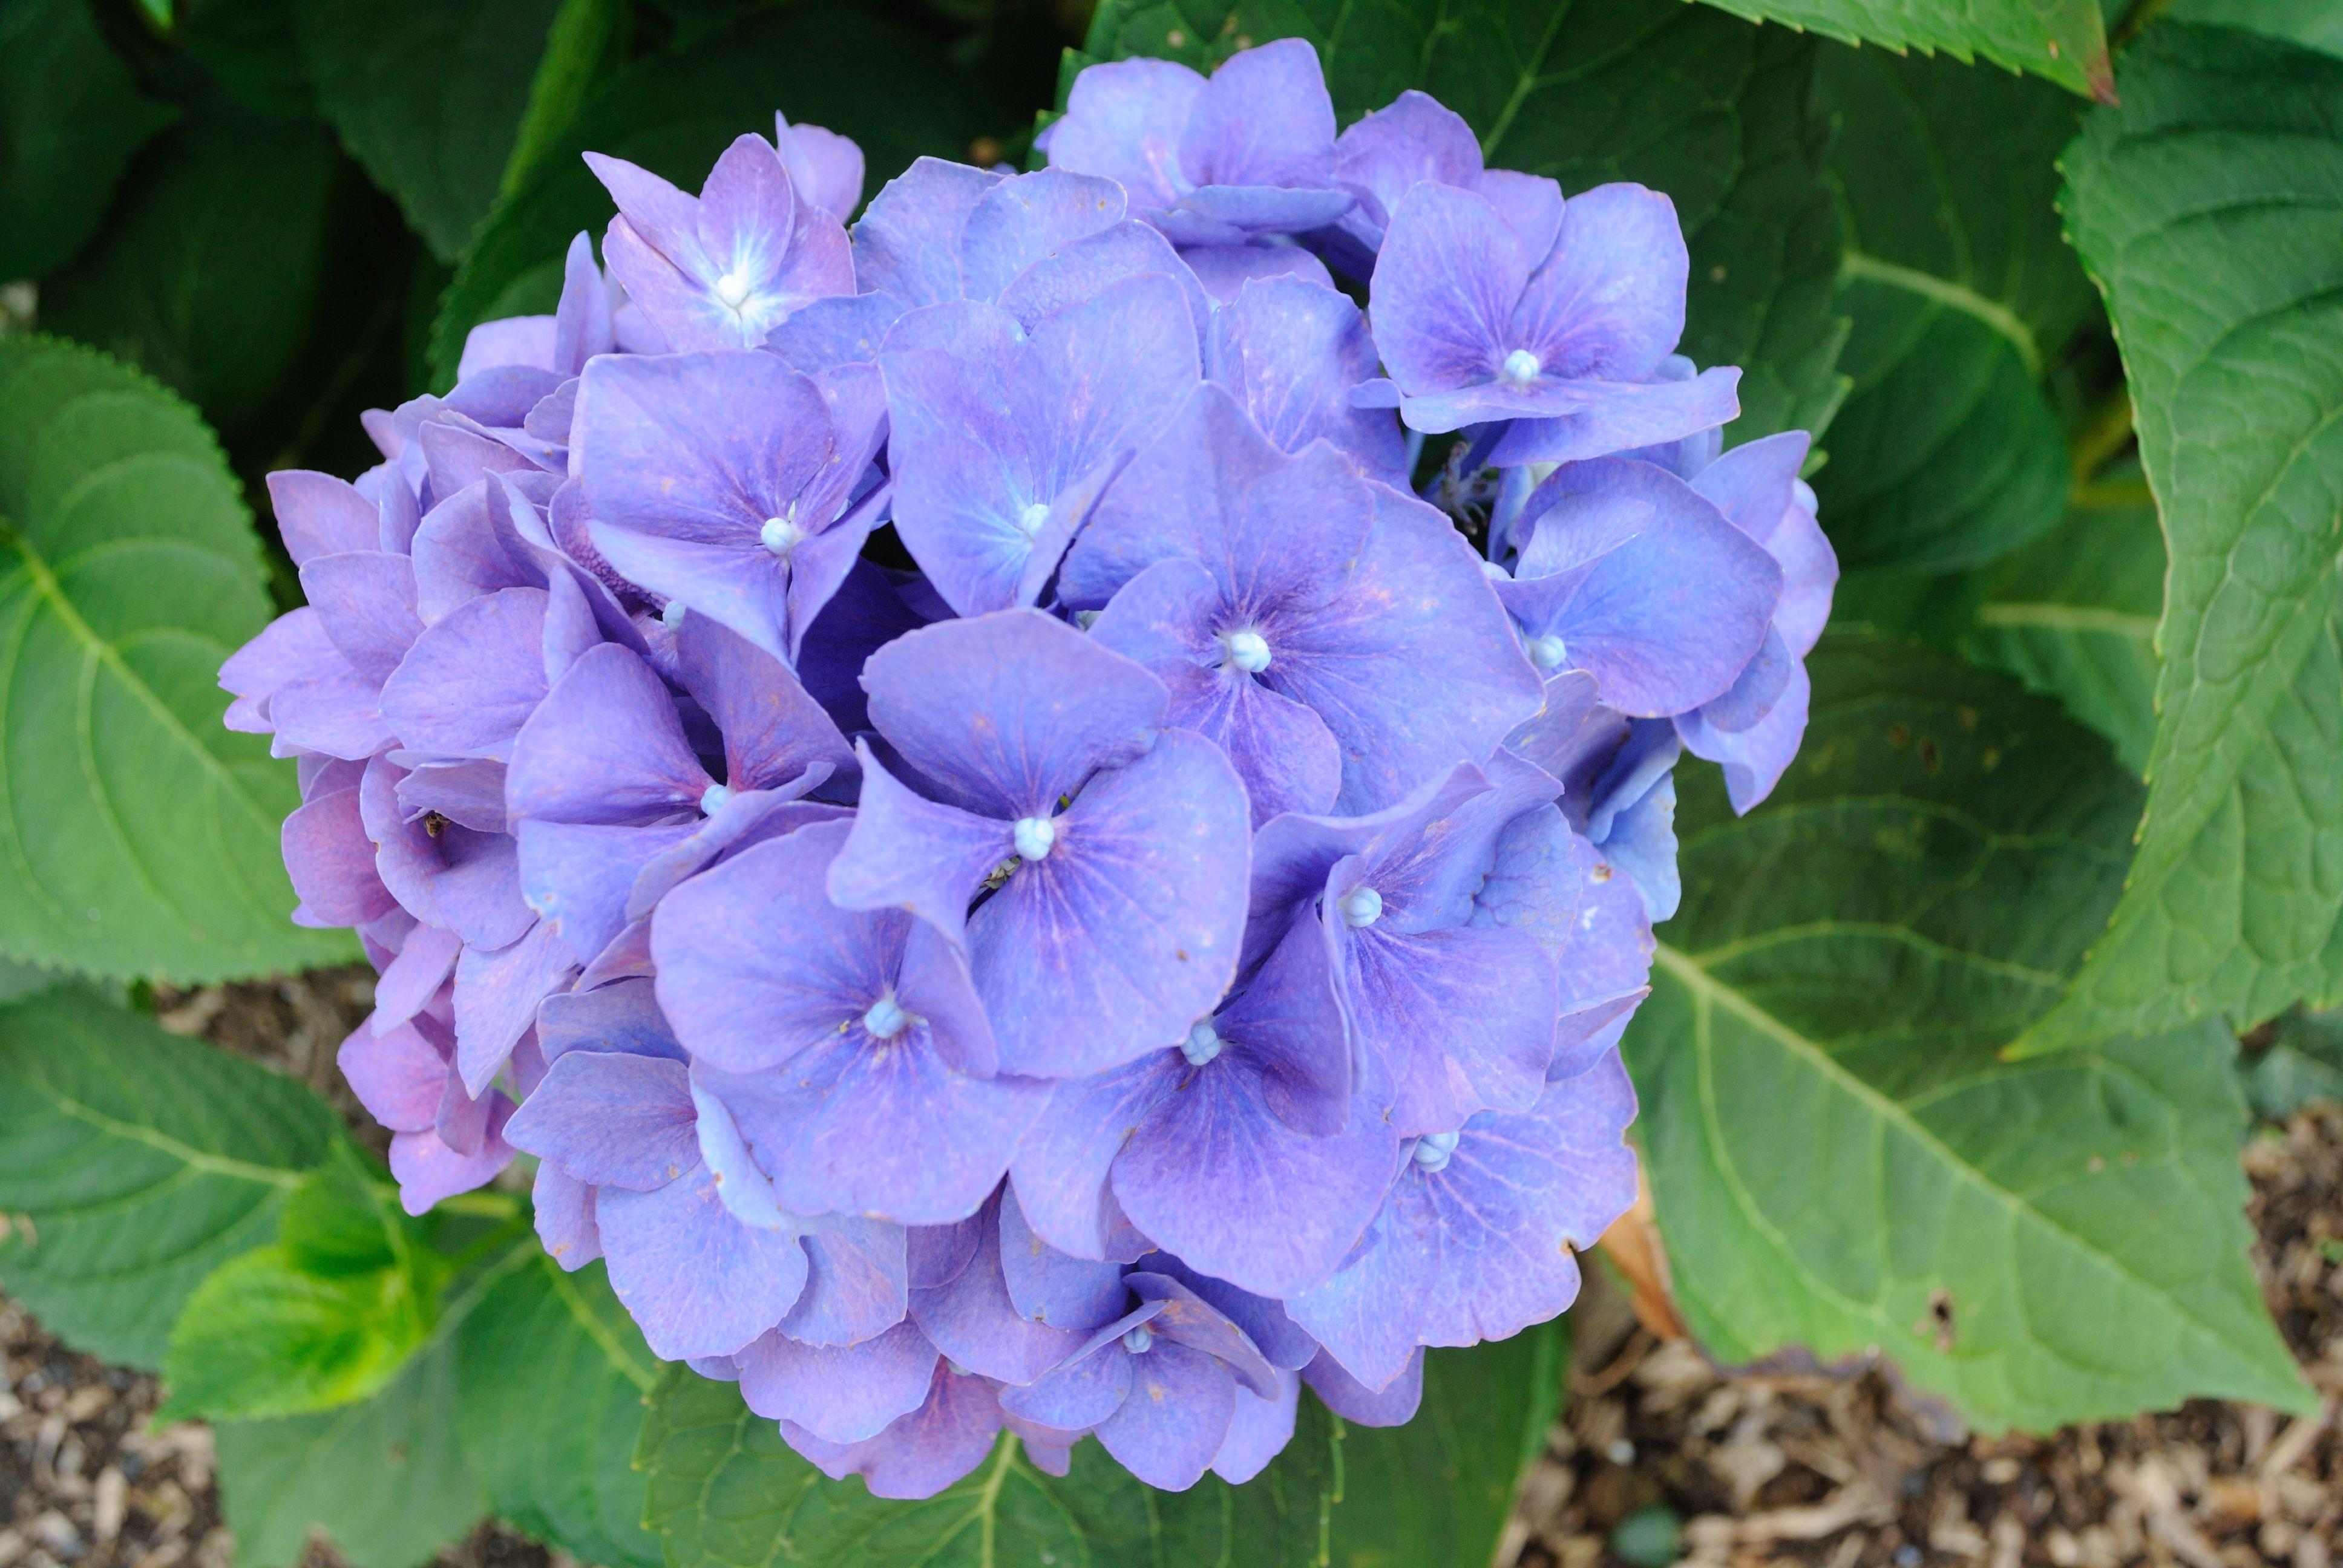 044 PURPLE FLOWER